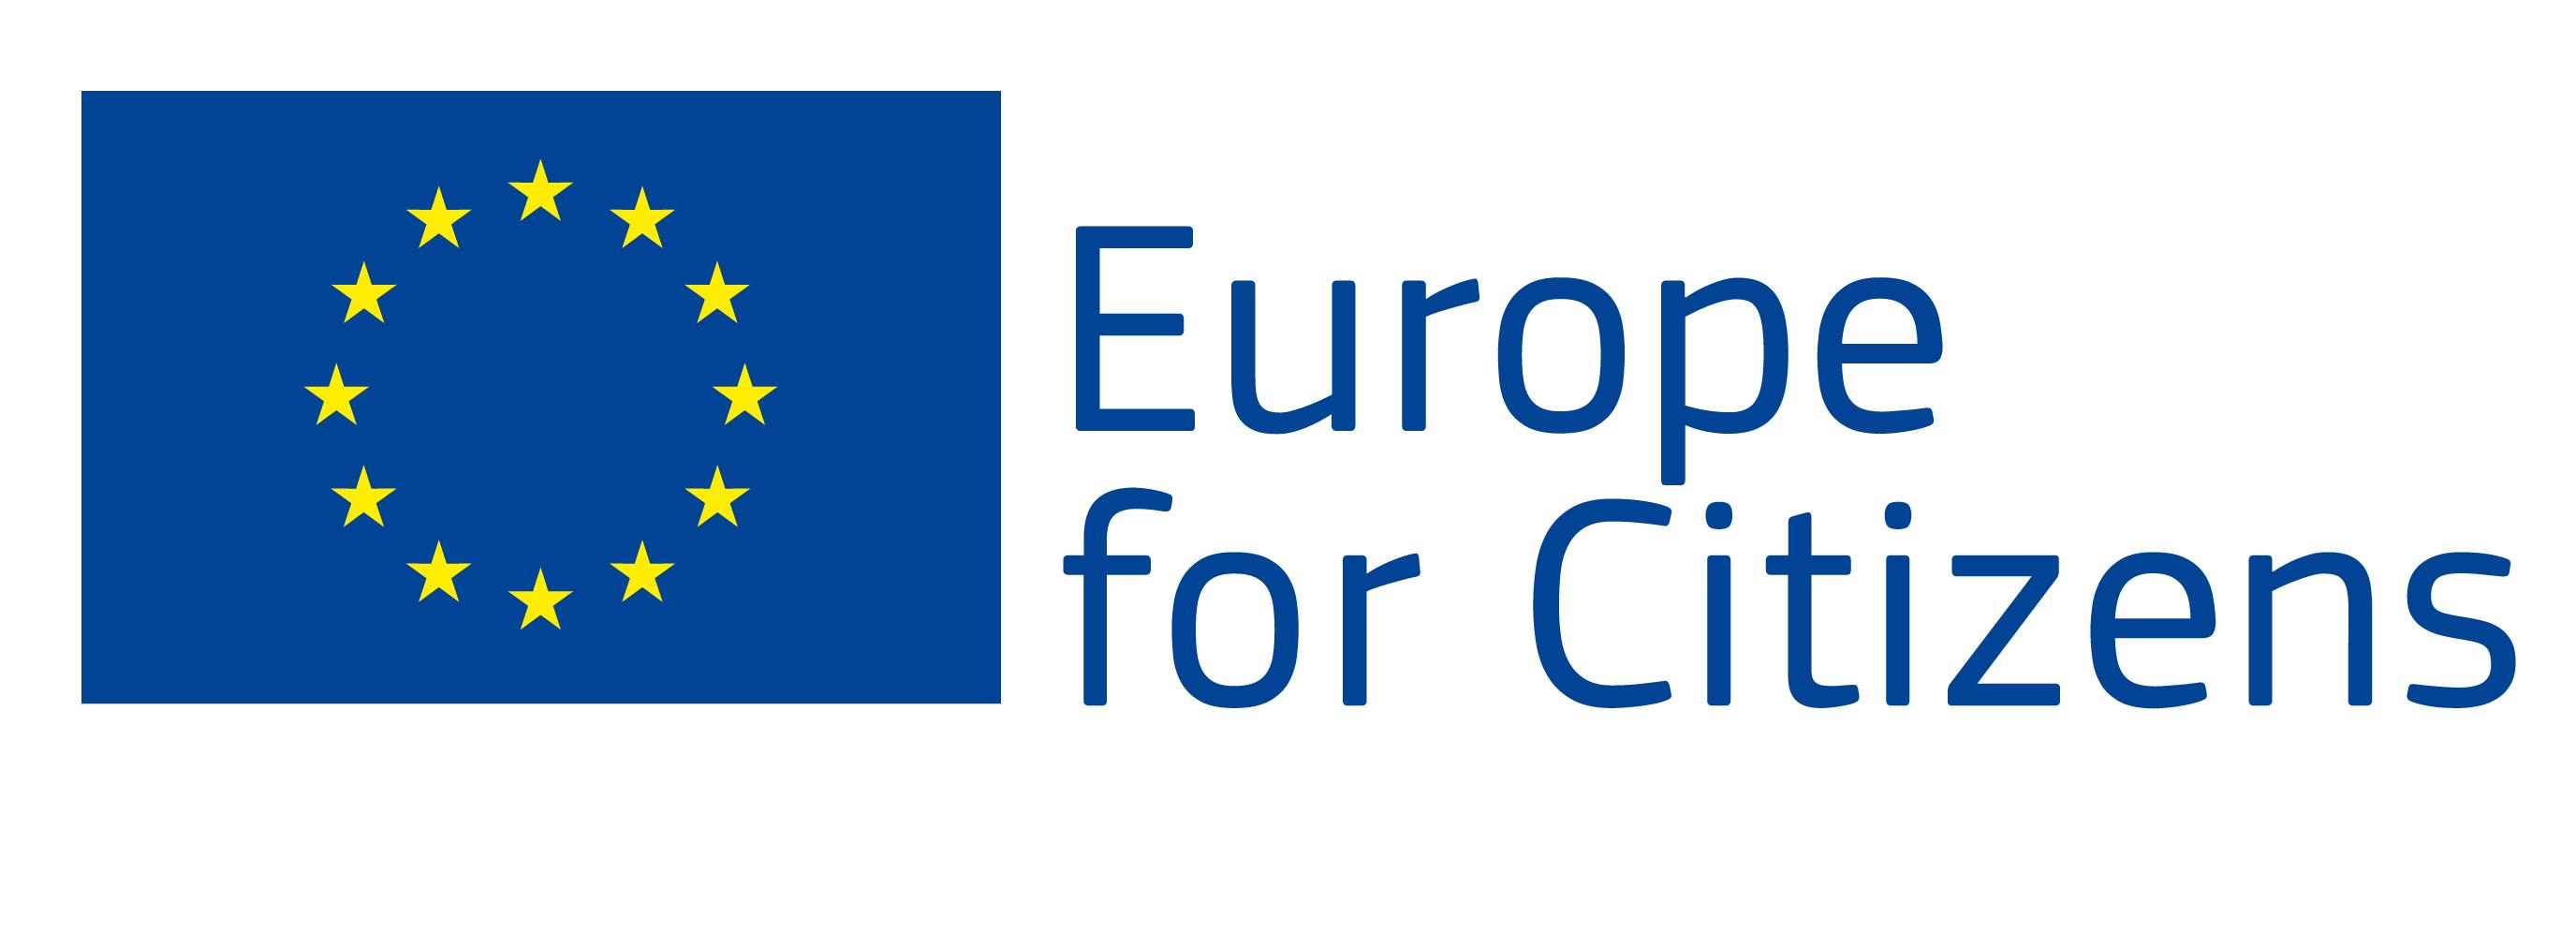 europe_for_citizens_en.jpg